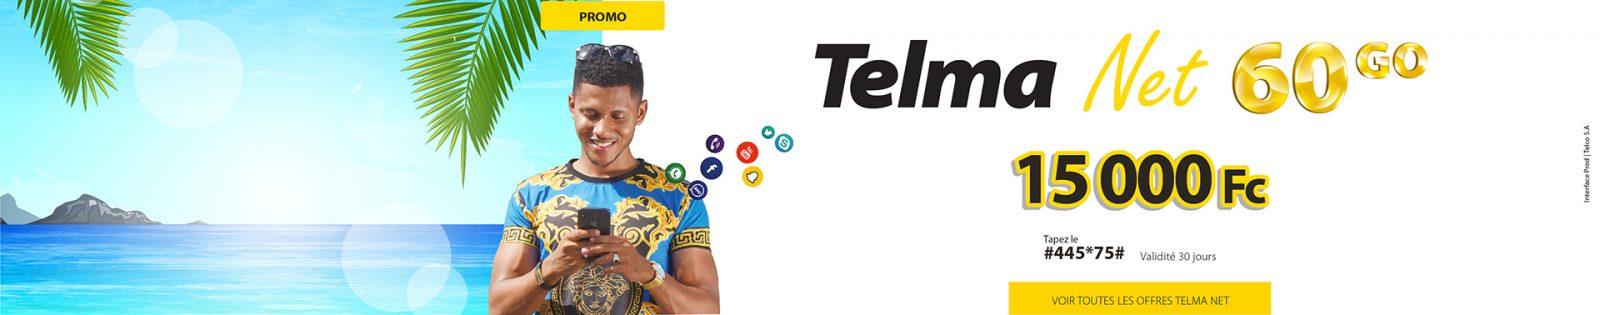 Telma net